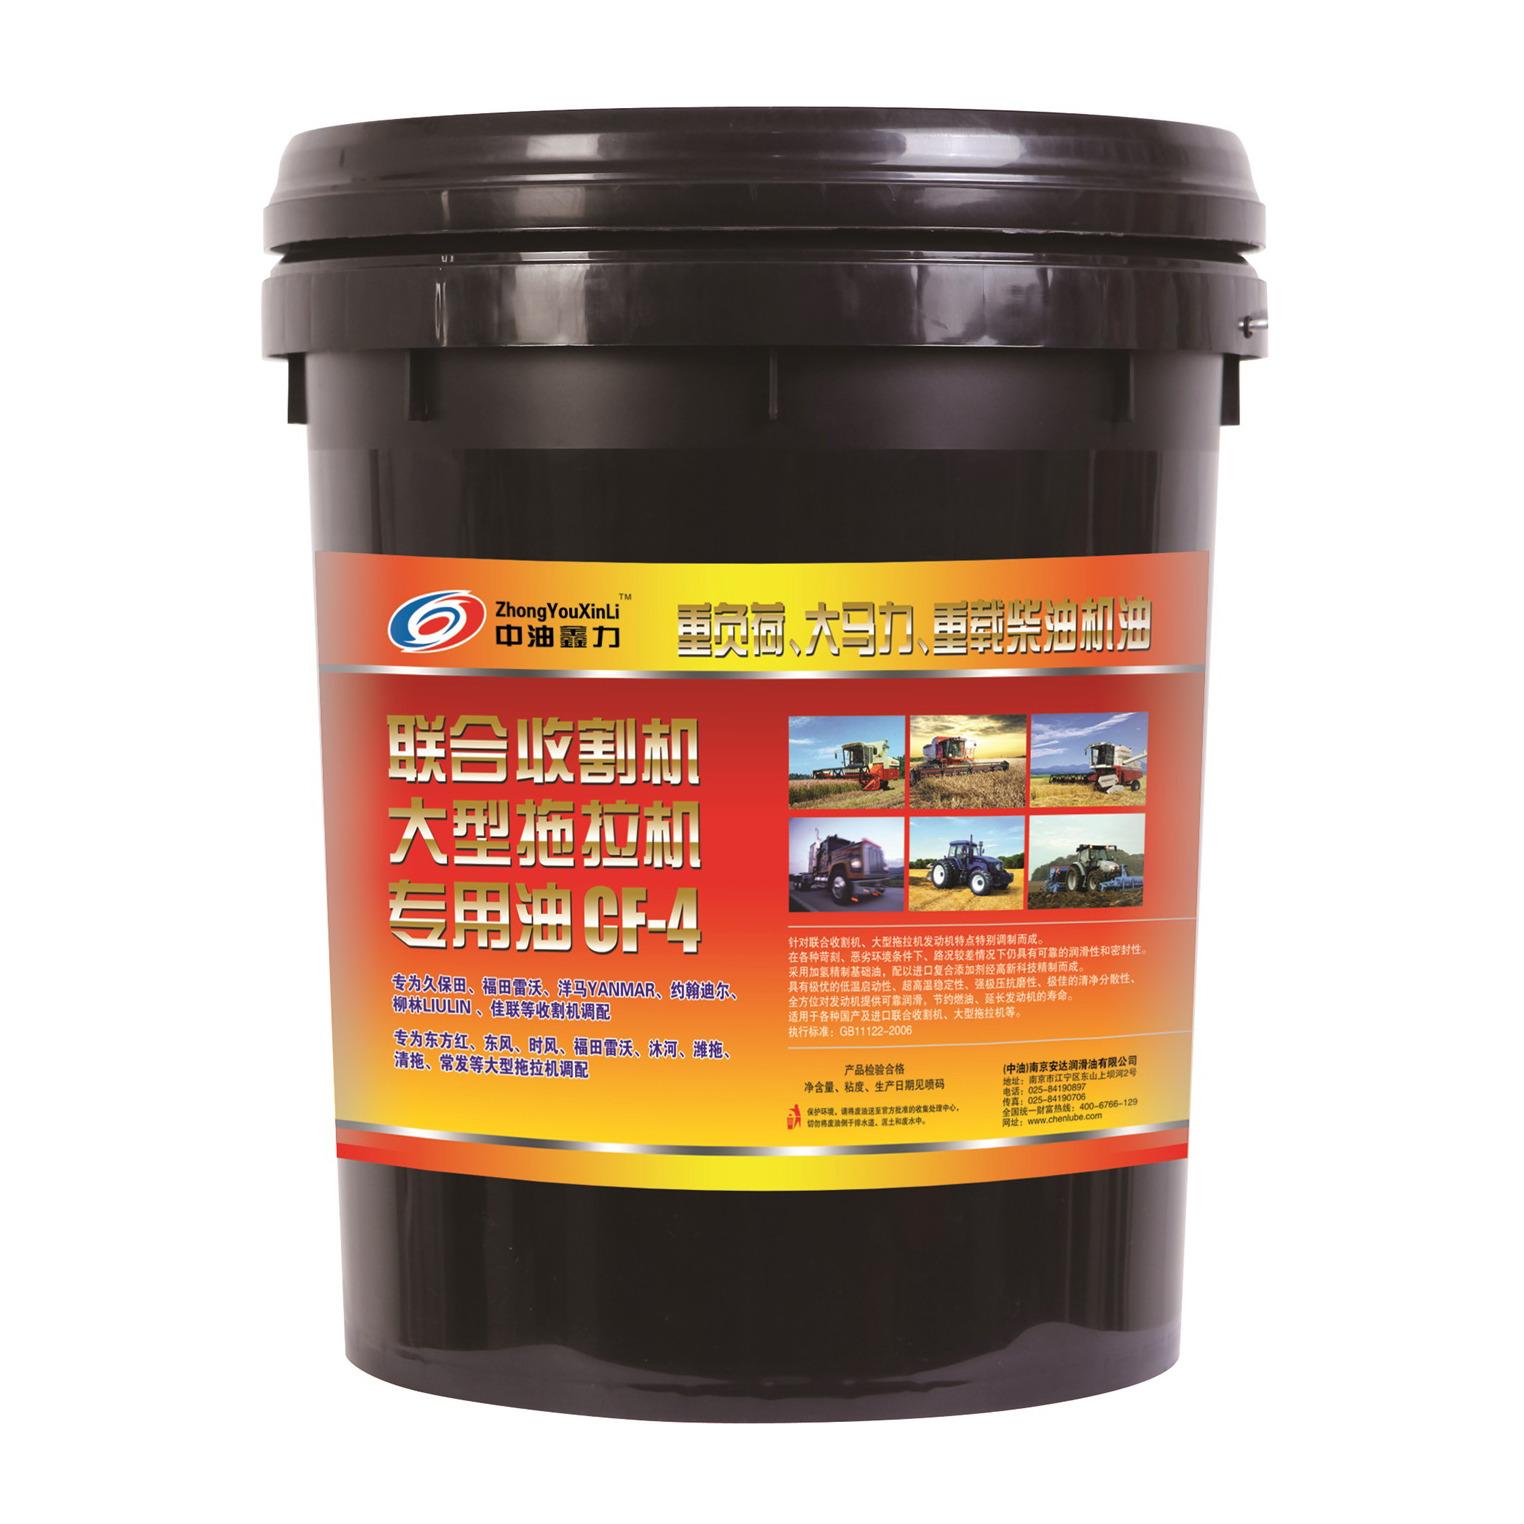 江苏安达润滑油 中油鑫力 联合收割机 大型拖拉机专用油CF-4 重负荷大马力柴油机油